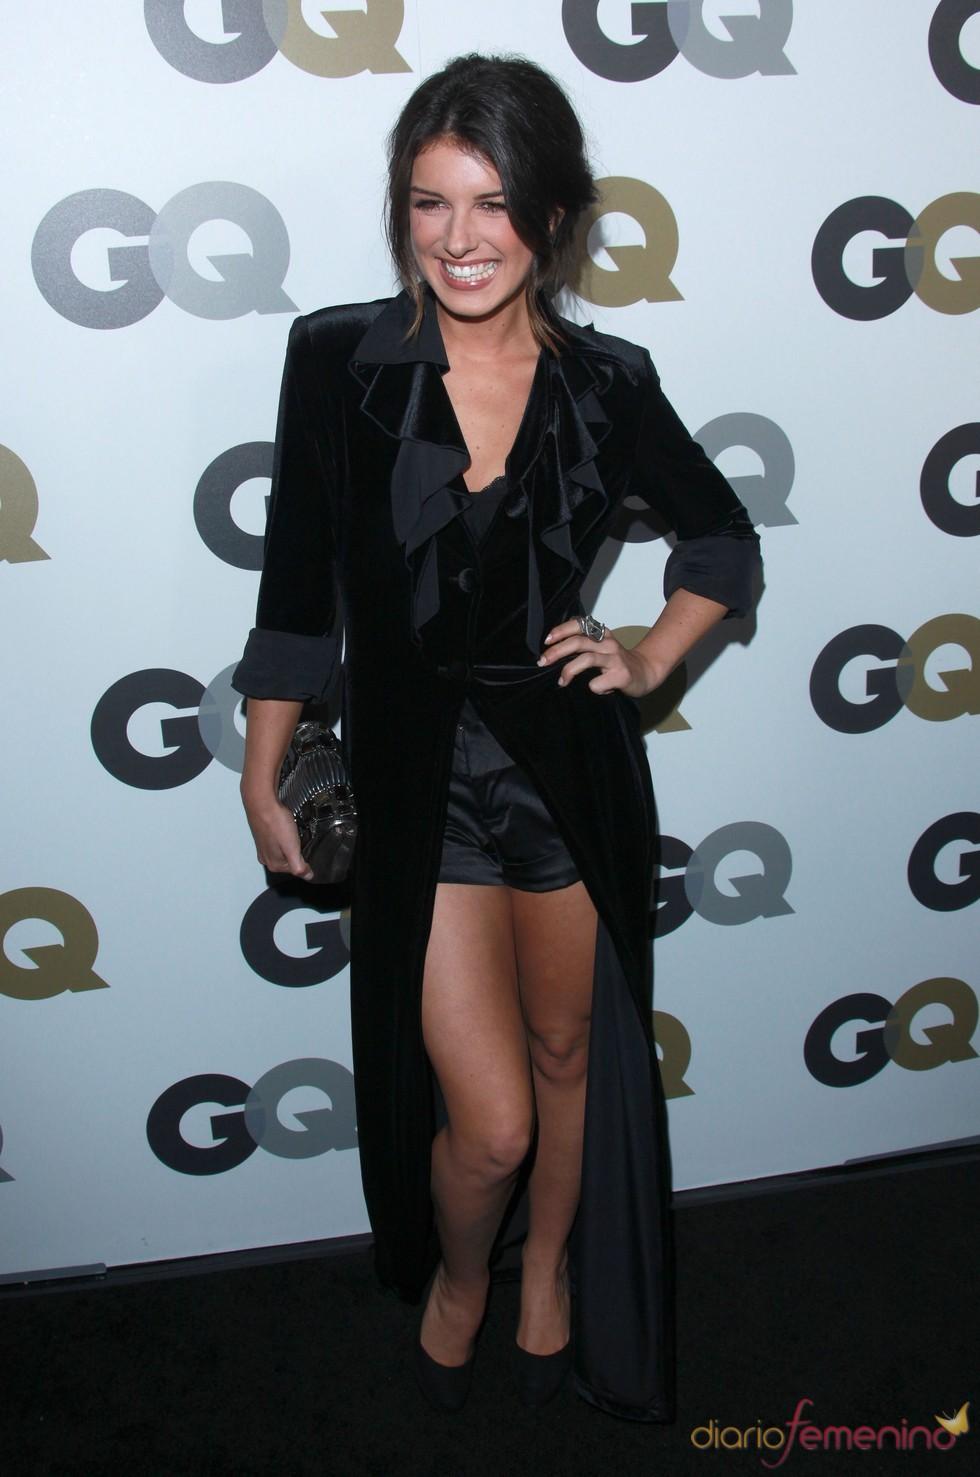 Shenae Grimes en la Fiesta GQ 2010